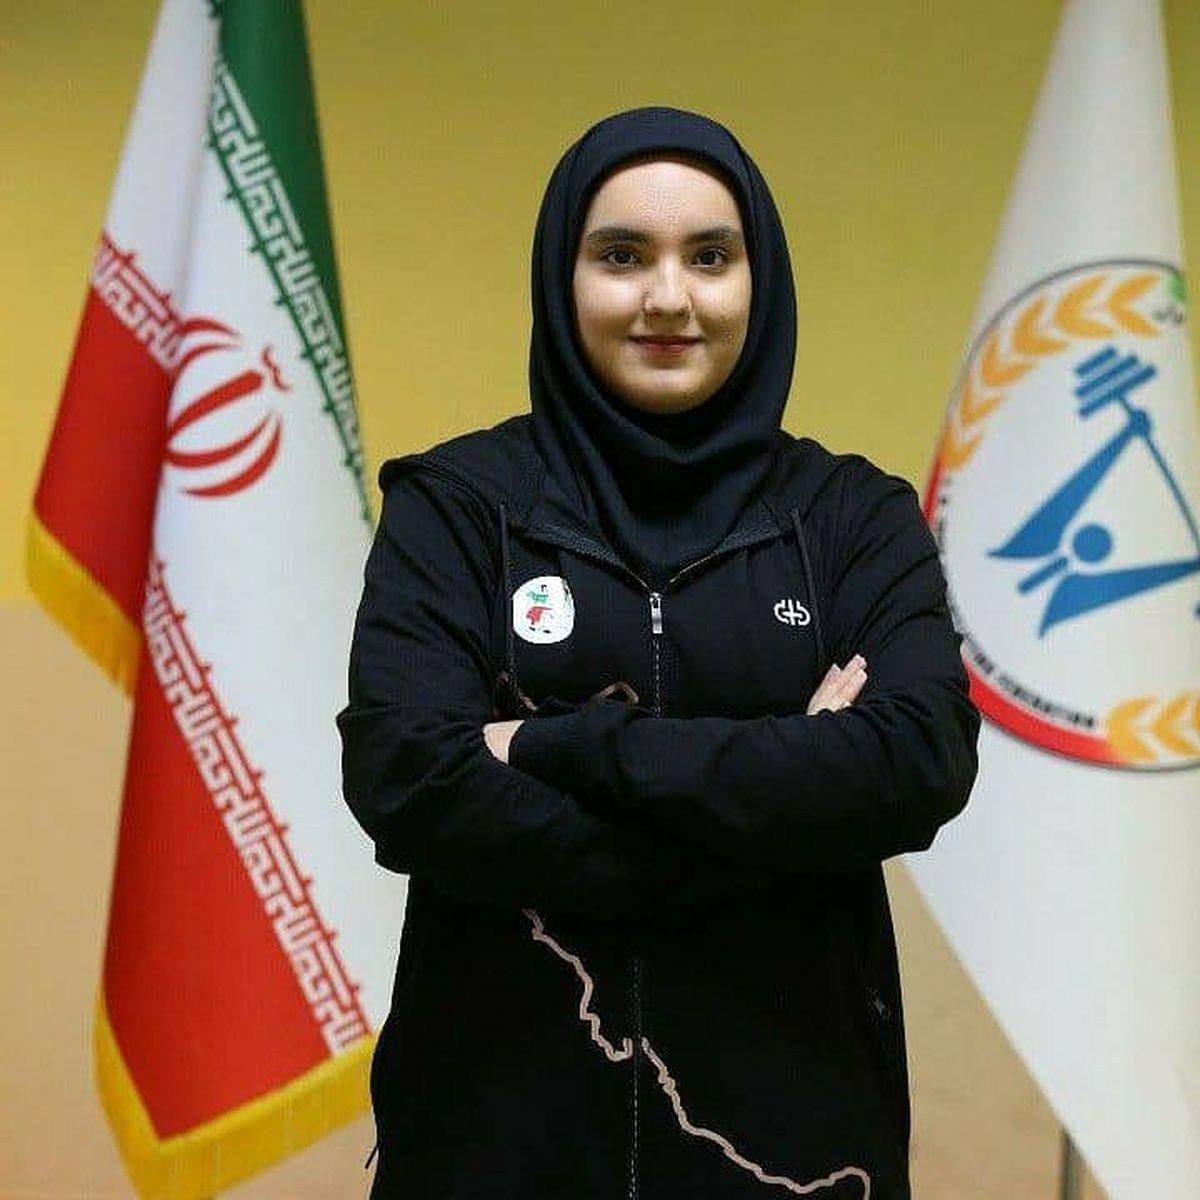 درخشش دختر وزنهبردار کردستانی در رقابتهای جهانی وزنهبرداری